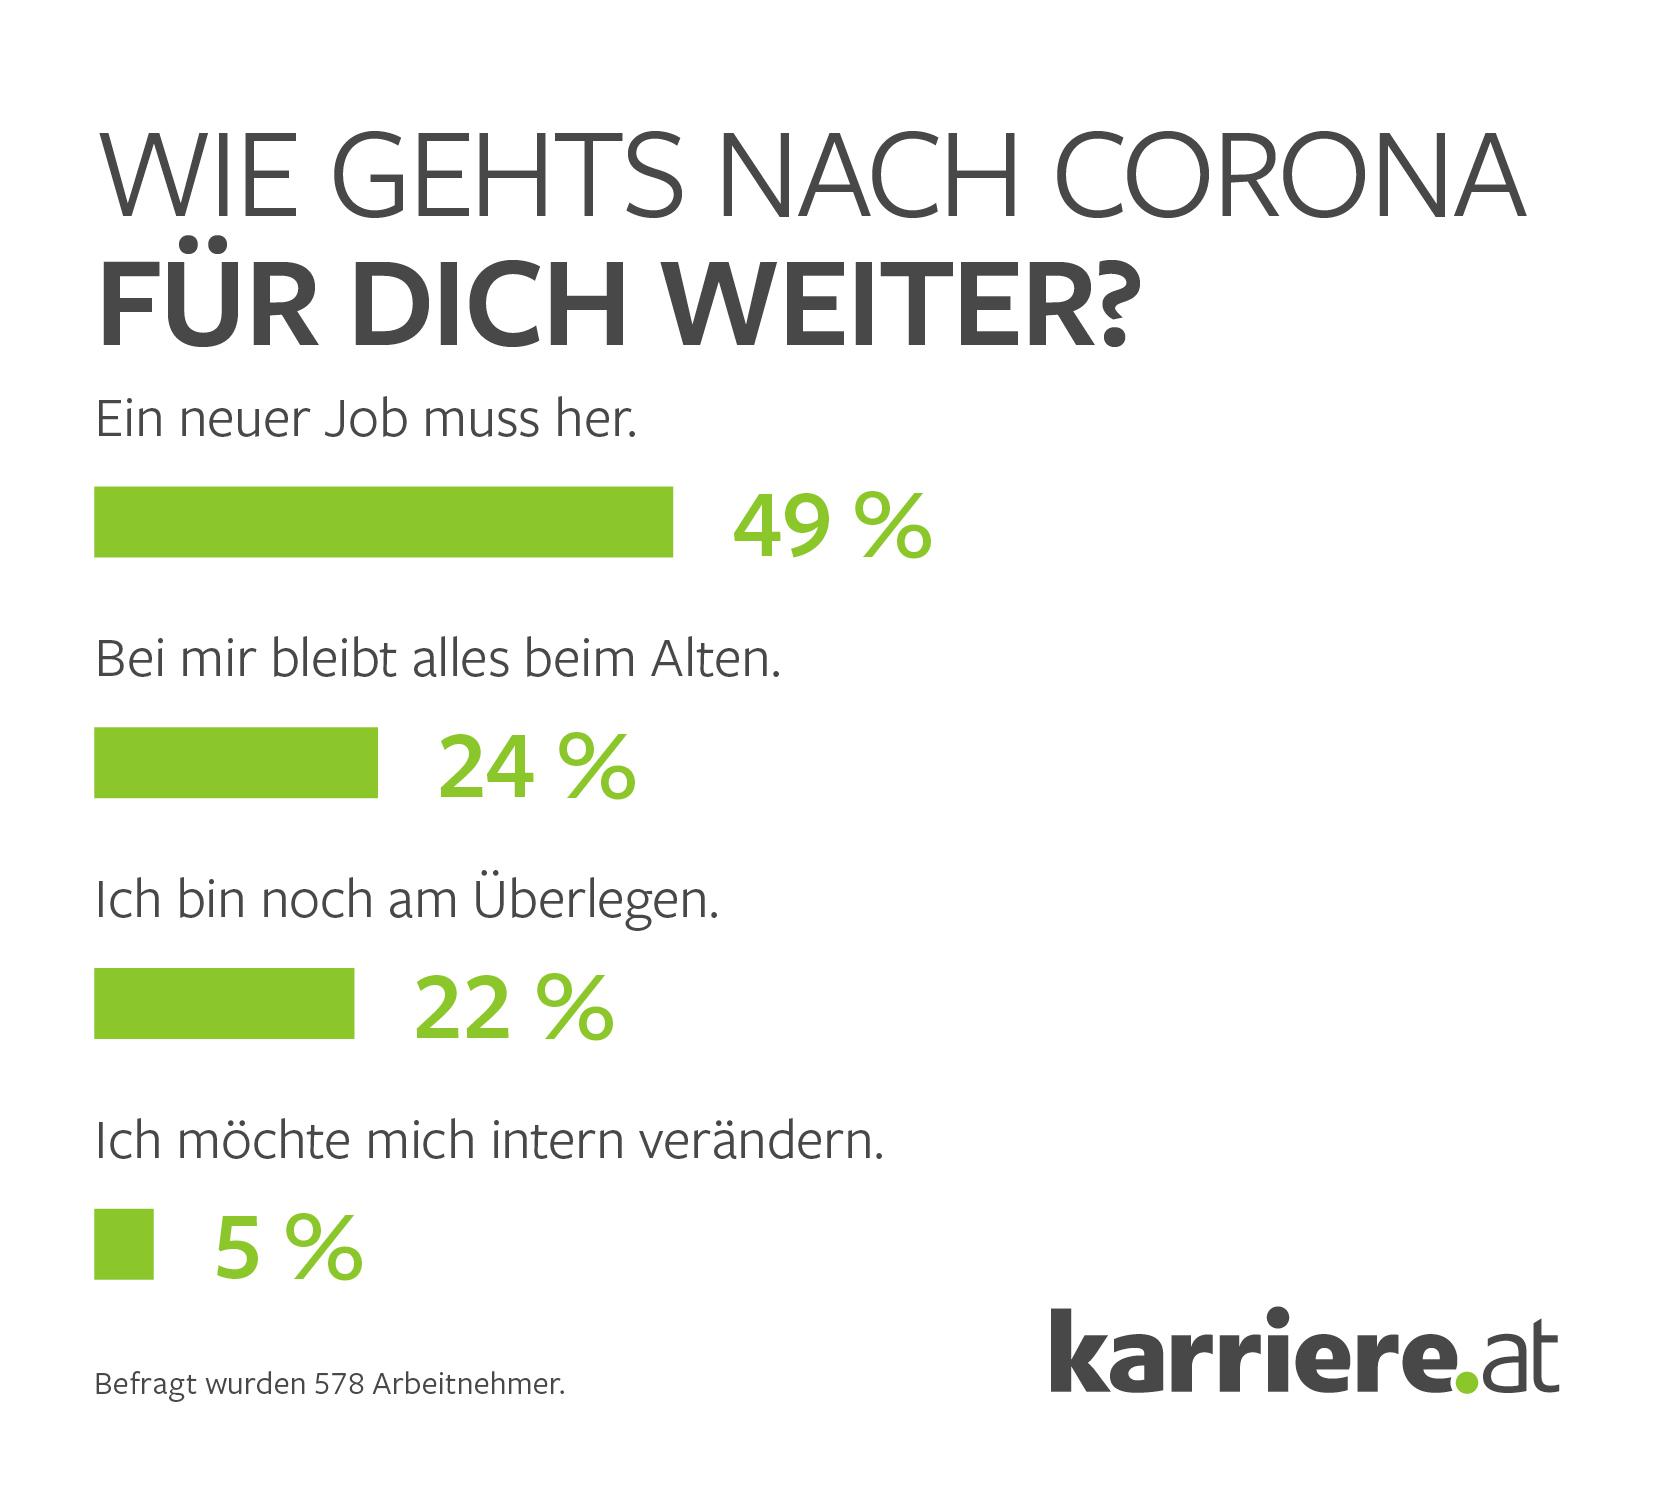 Umfrage Wie gehts nach Corona für dich weiter